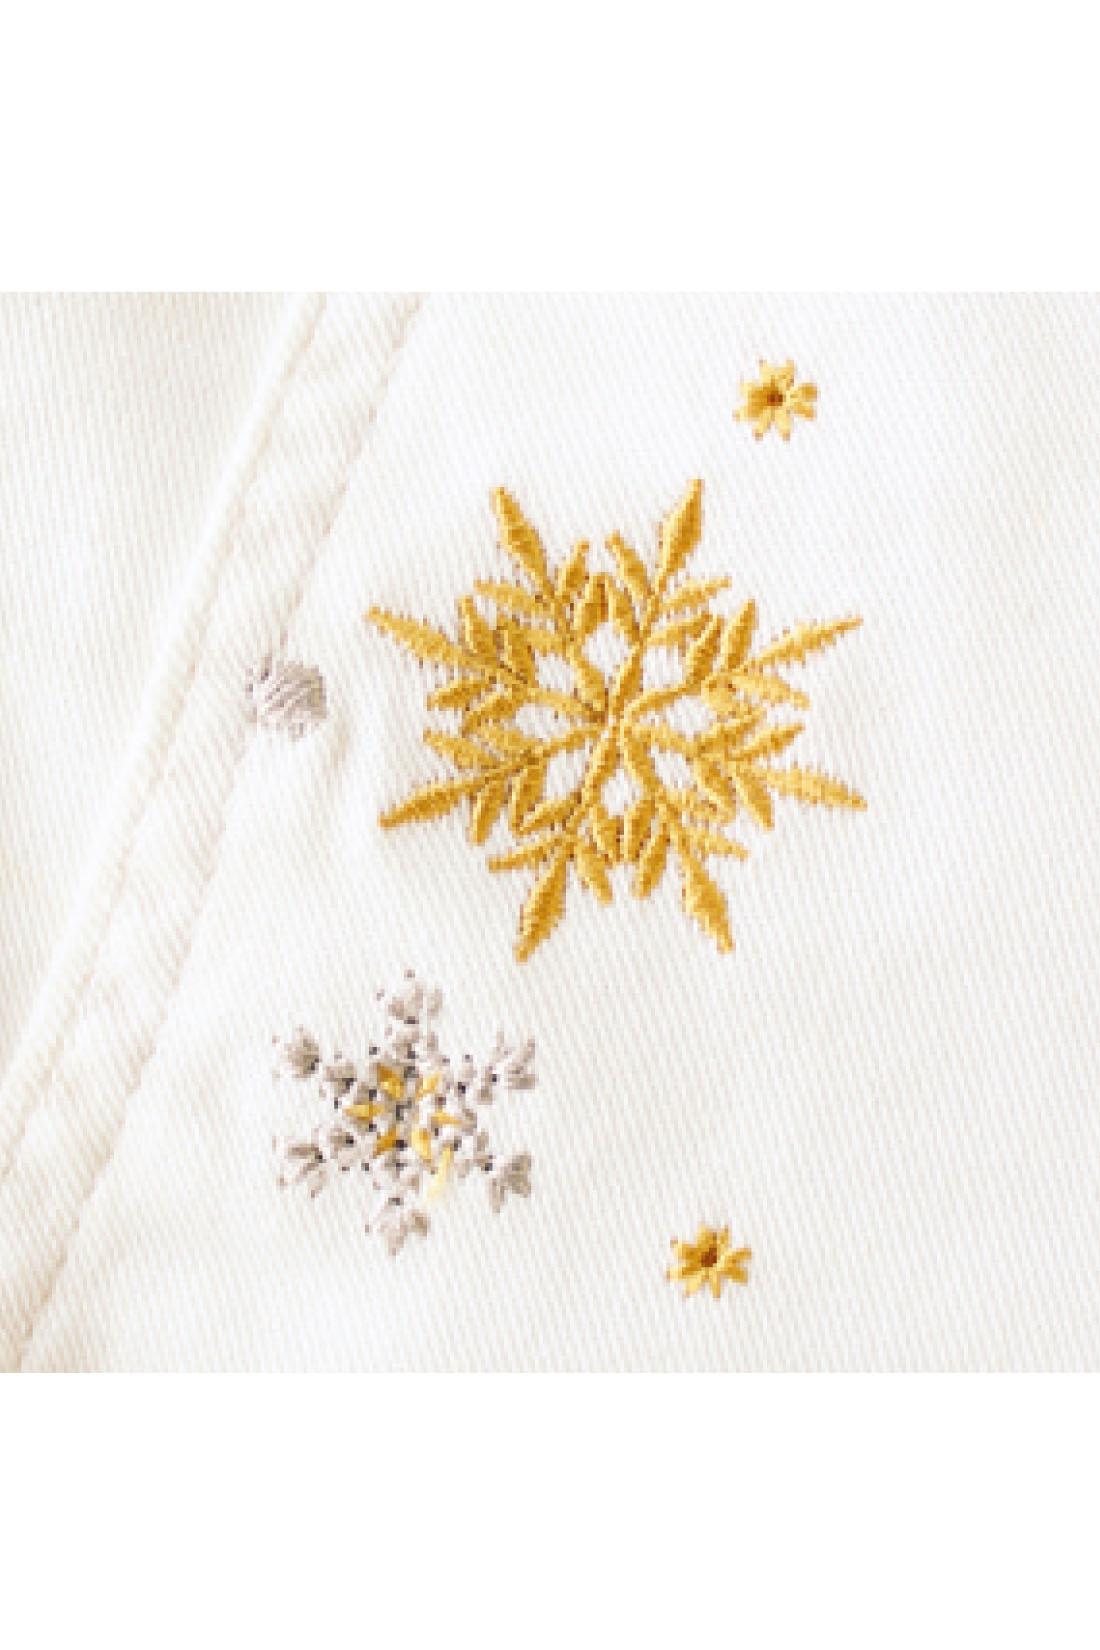 ポケットのまわりにゴールドとシルバーグレイの雪柄の刺しゅうで愛らしさをプラス。